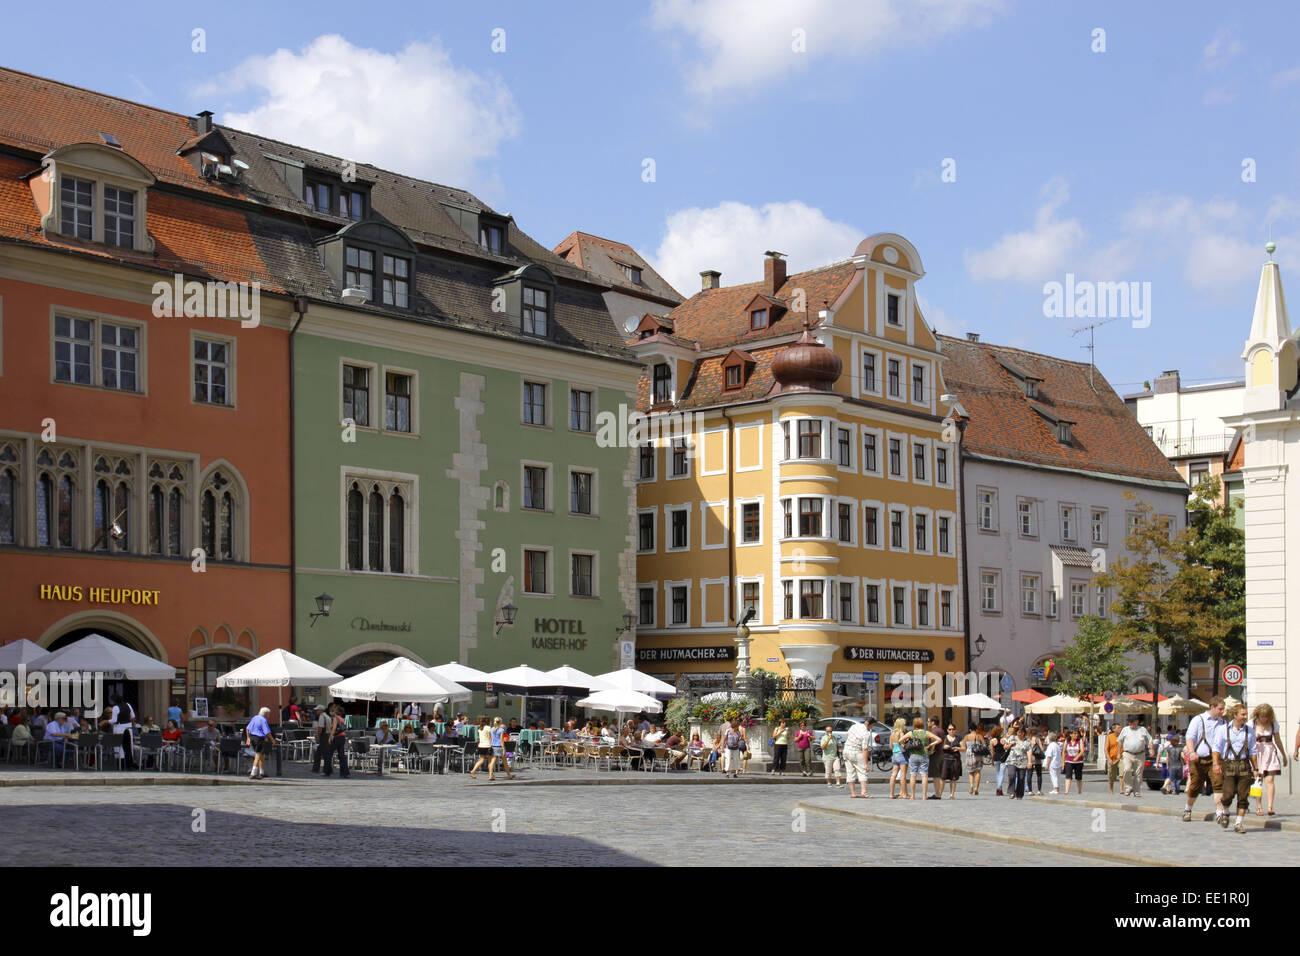 Regensburg, Unesco Welterbe, Domplatz, Bayerische Eisenstrasse, Strasse der Kaiser und Koenige - Stock Image